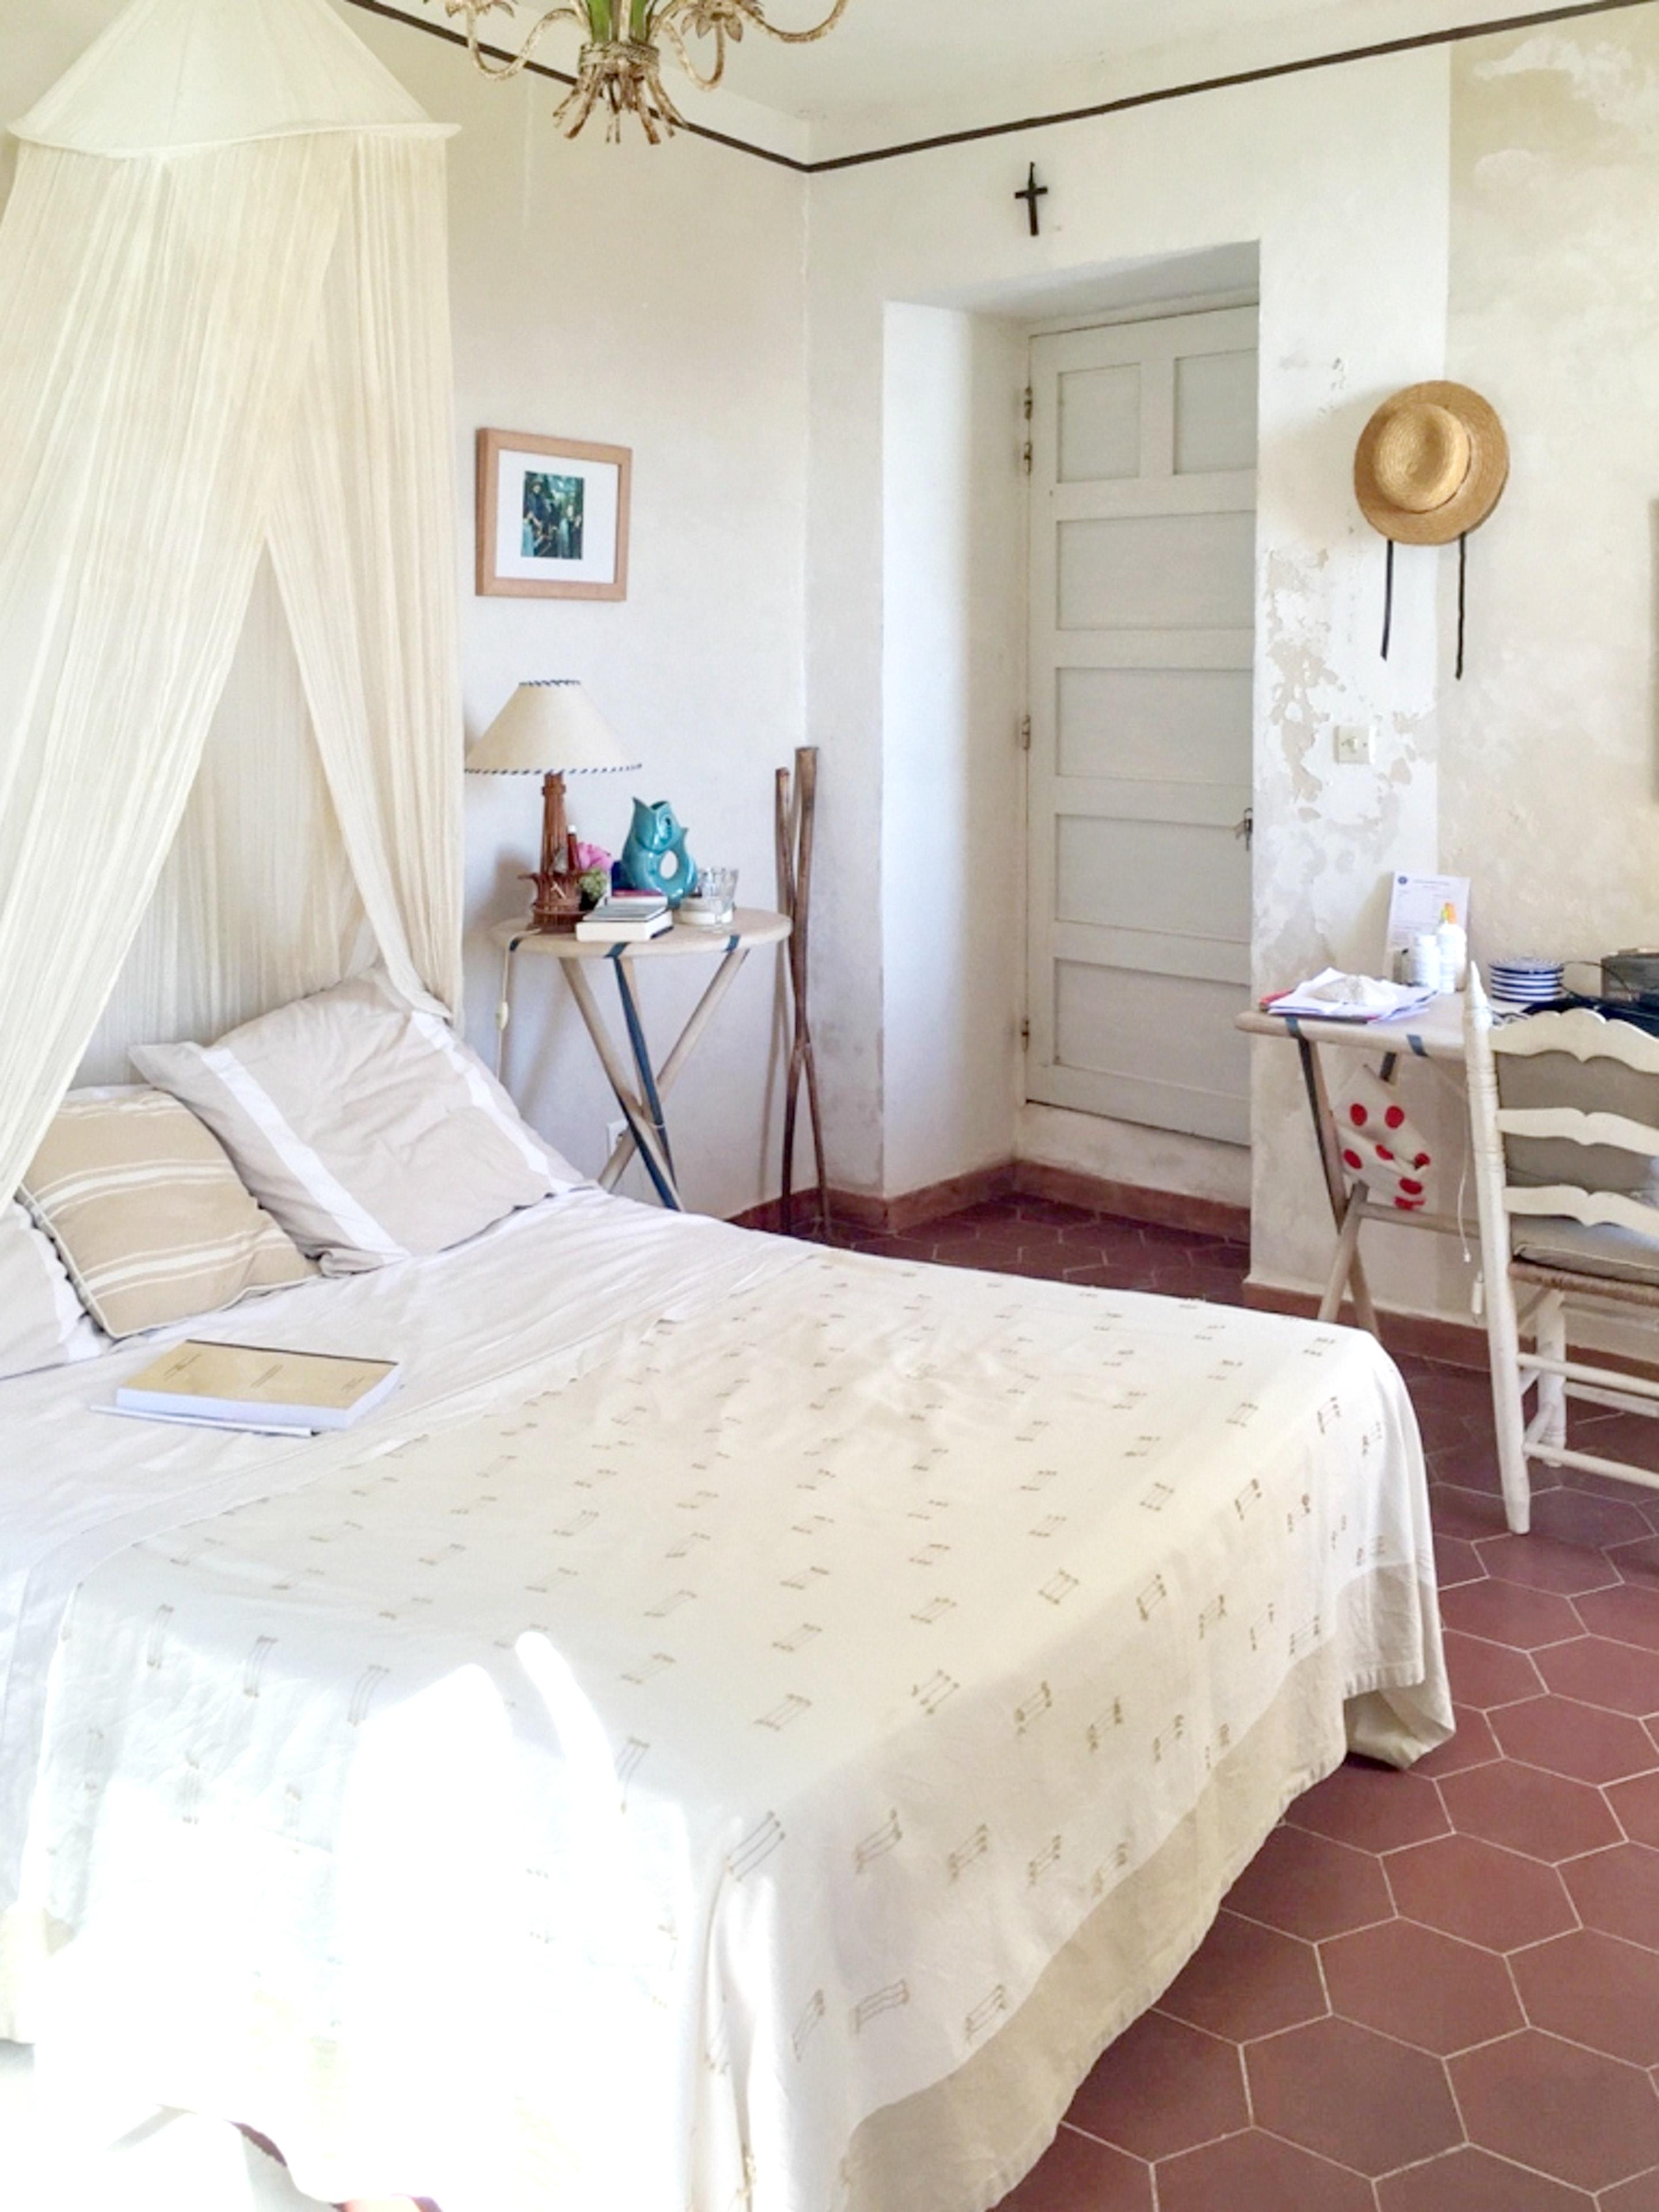 Maison de vacances Haus mit 9 Schlafzimmern in Centuri mit herrlichem Meerblick, möbliertem Garten und W-LAN  (2202571), Centuri, Haute-Corse, Corse, France, image 17